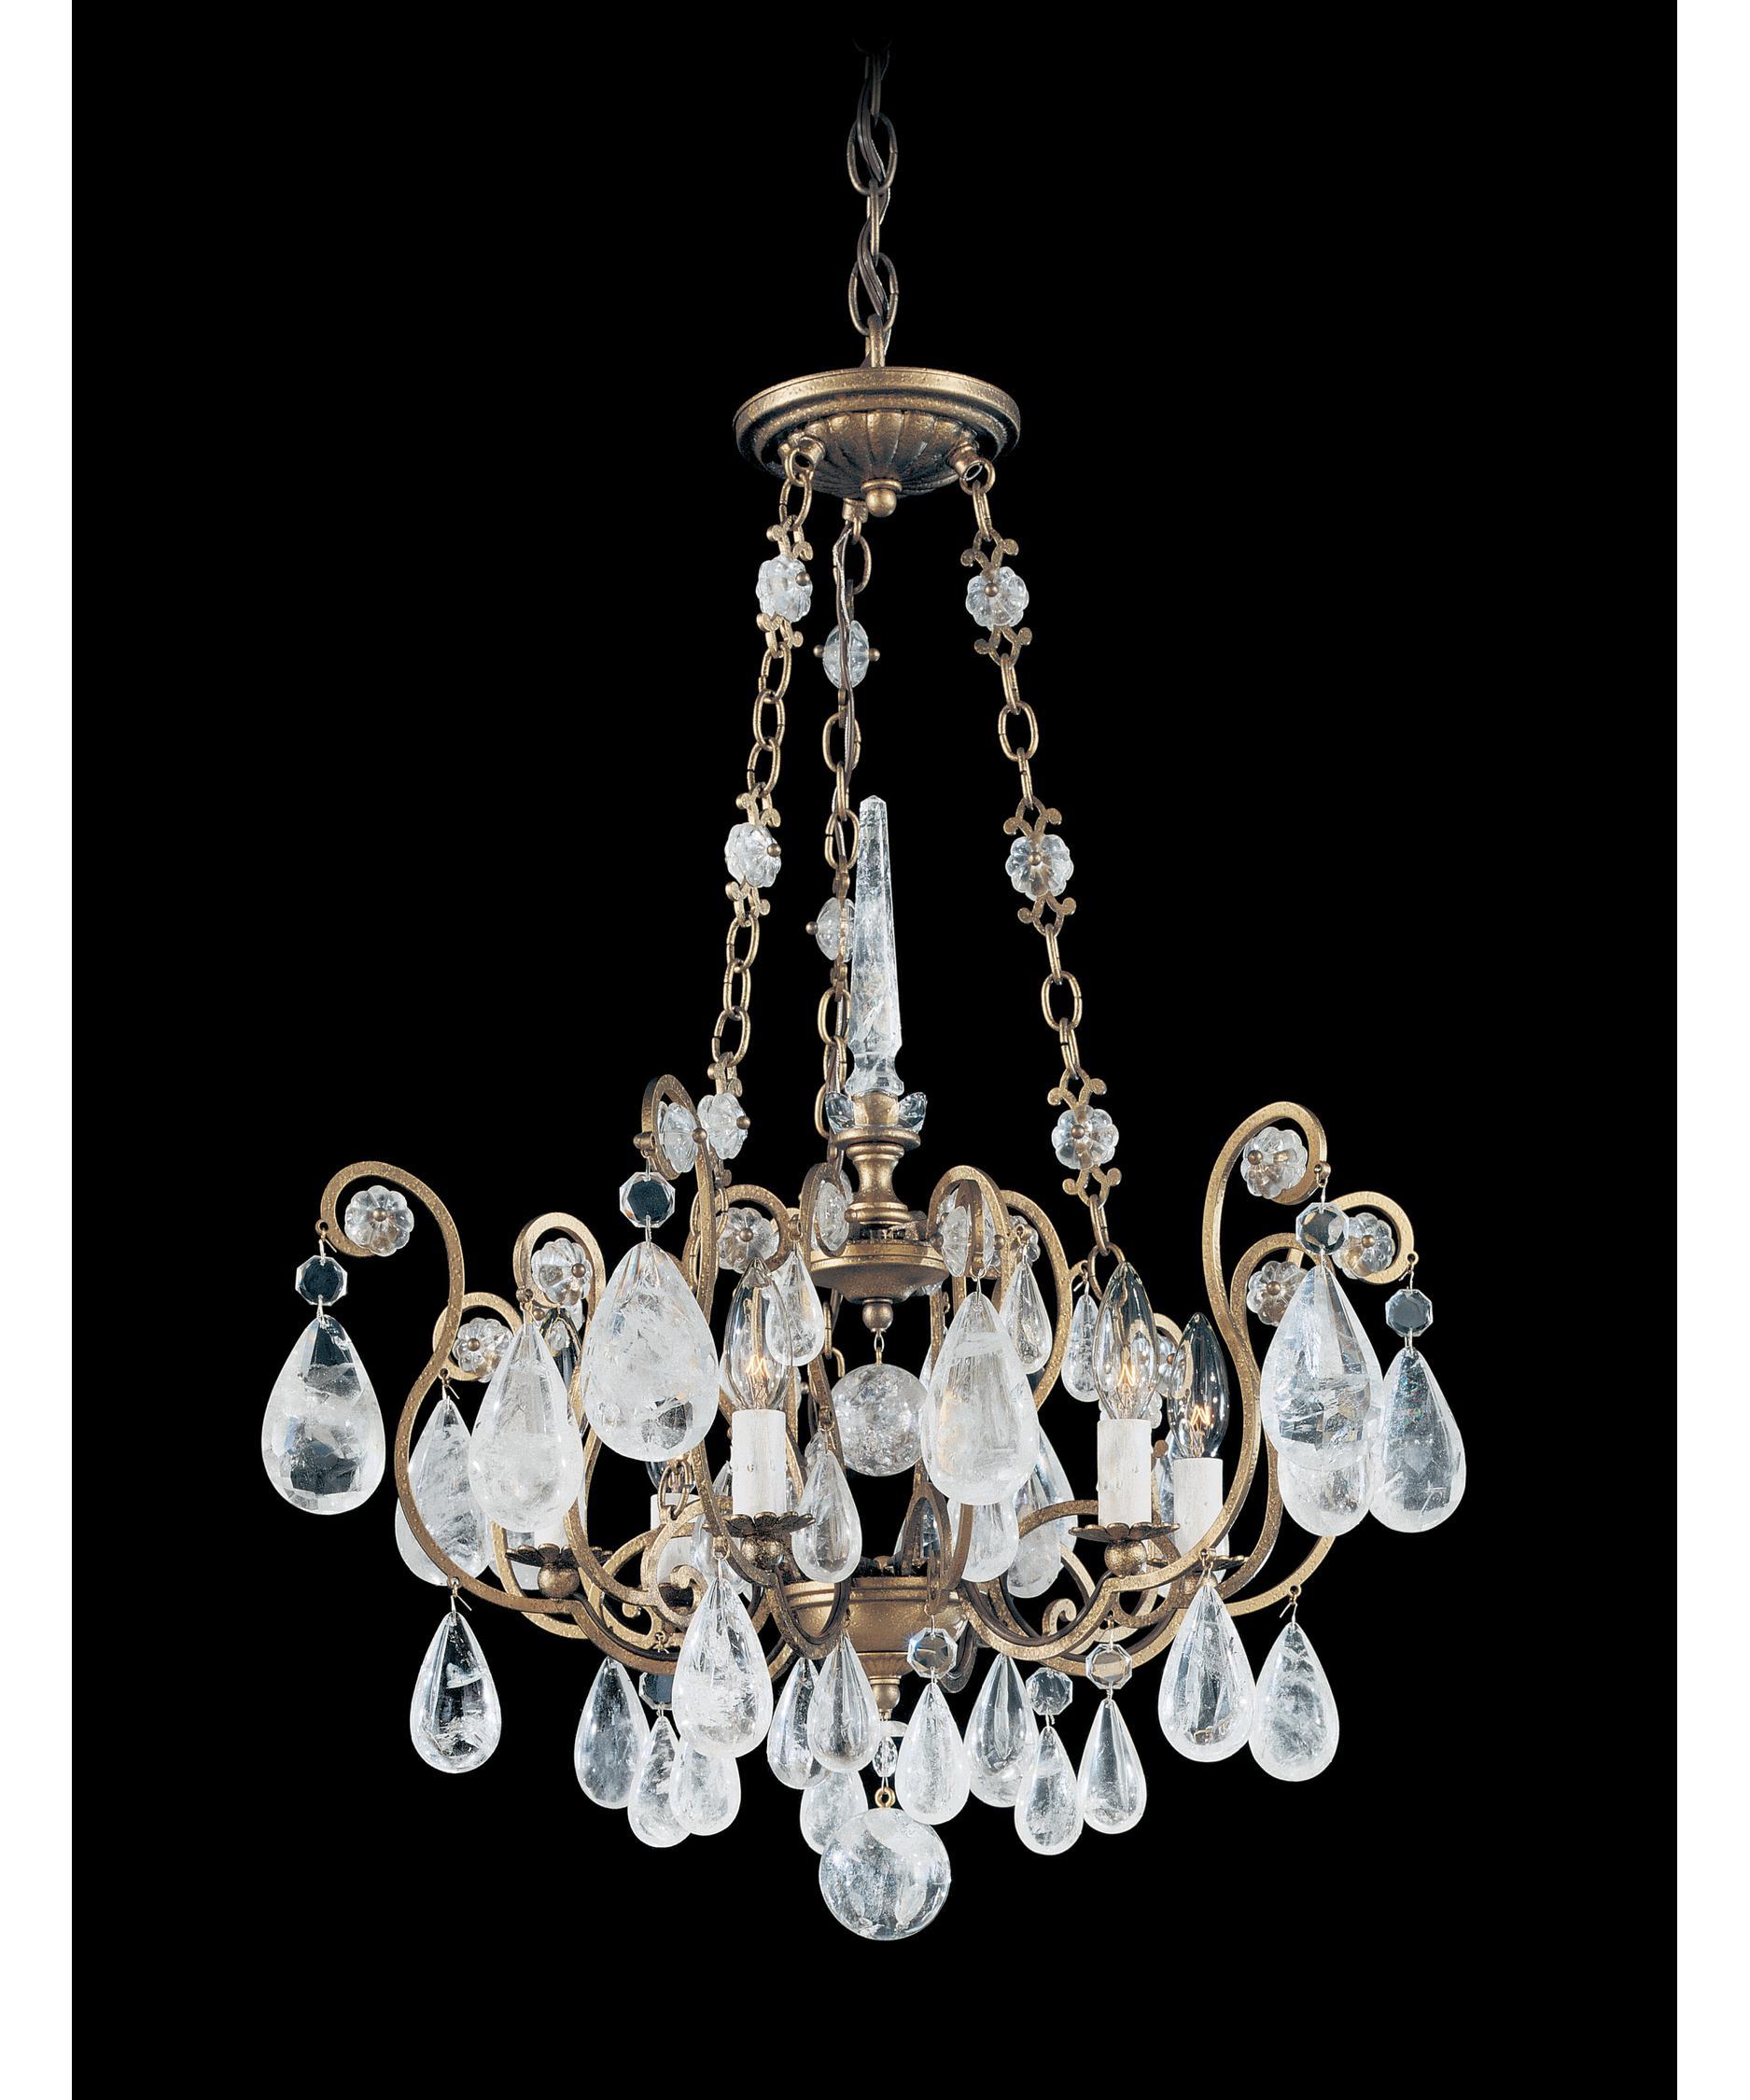 schonbek versailles rock crystal 22 inch wide 6 light chandelier capitol lighting - Schonbek Chandelier